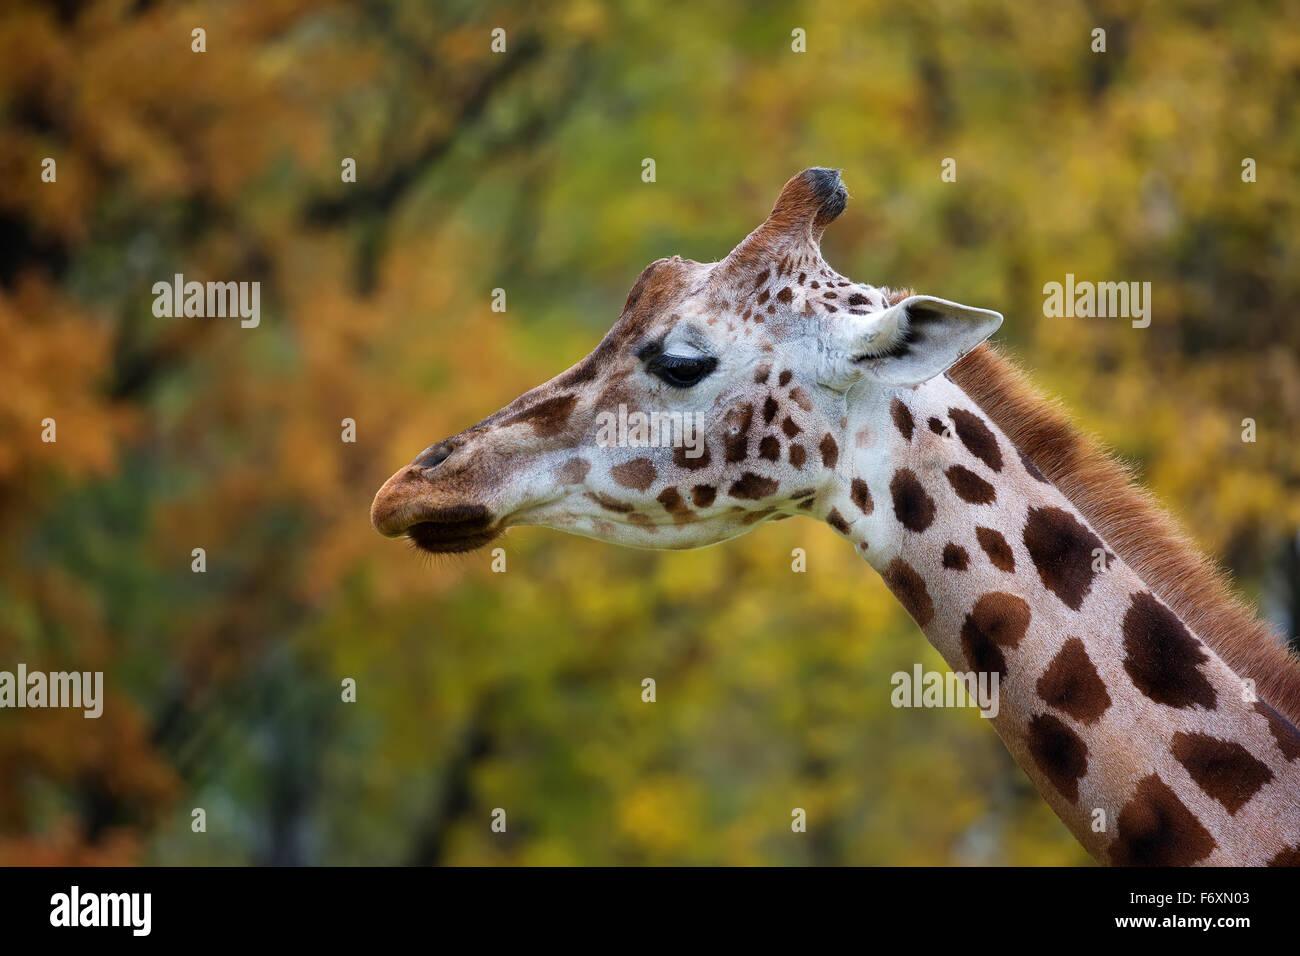 Giraffe, a profile - Stock Image